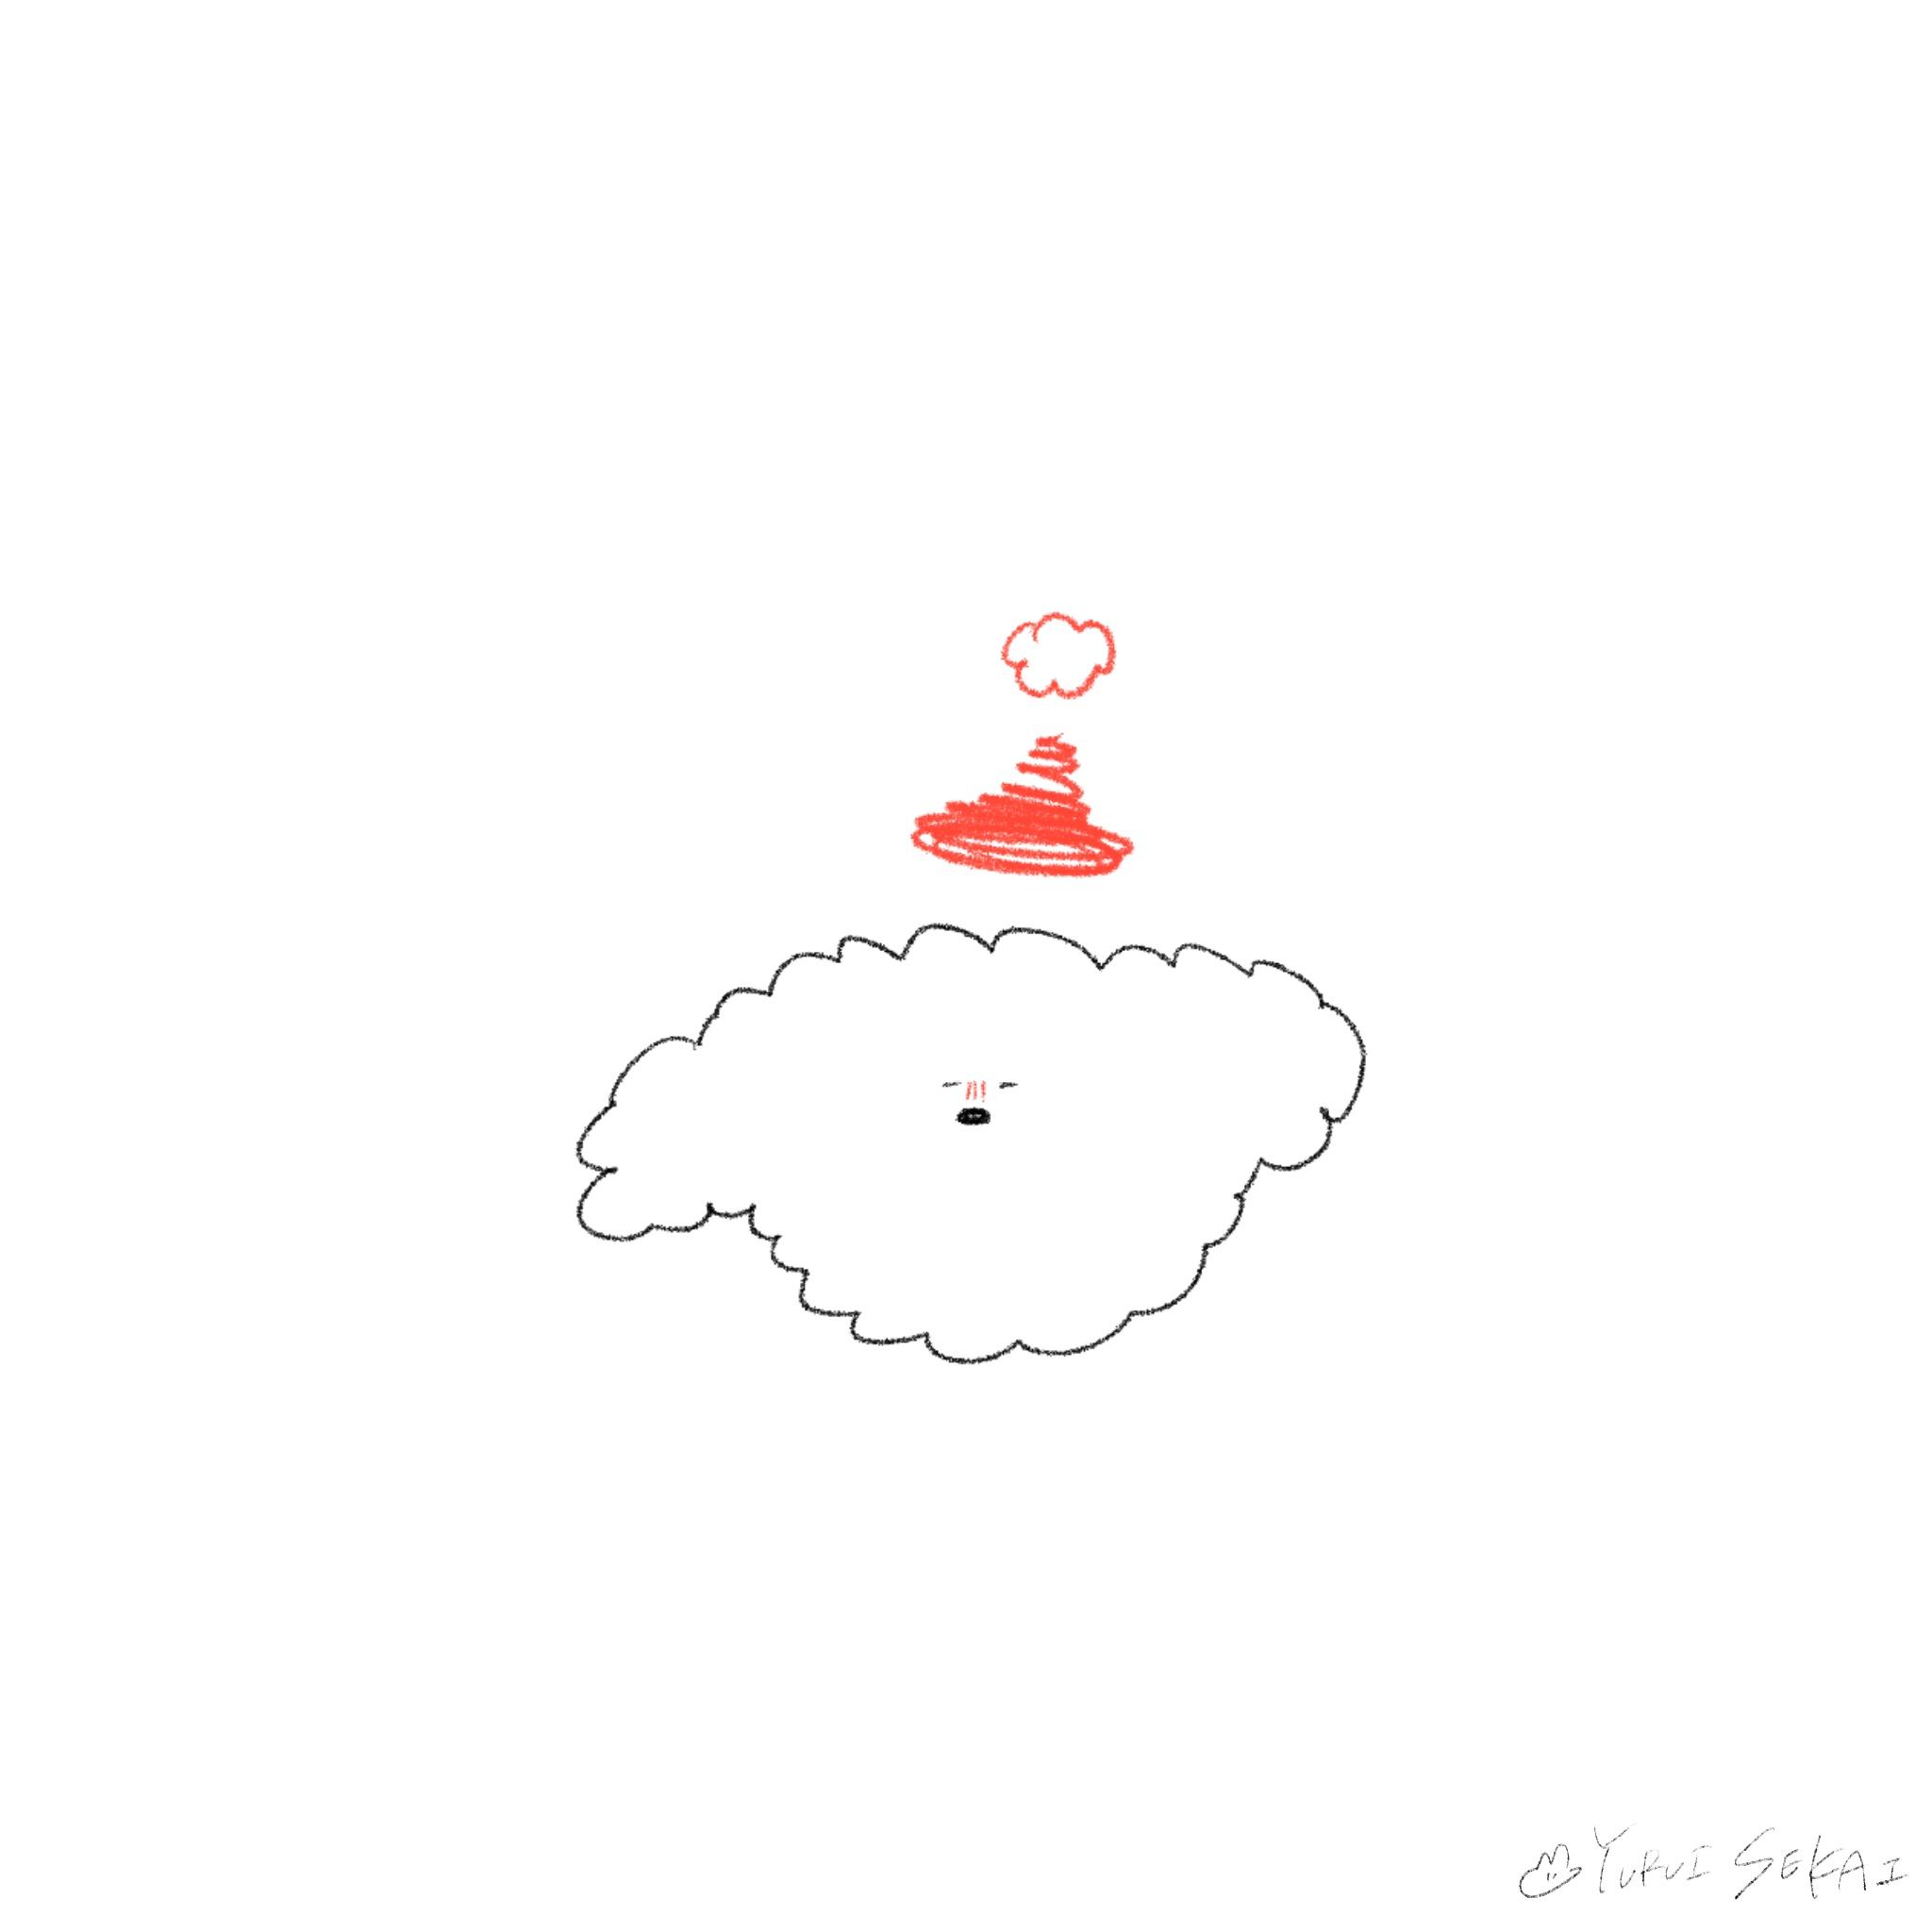 【クリスマスのフリー素材】ゆるいせかいのちいさなイラストの詰め合わせ♡【ゆるいイラスト】クリスマス犬